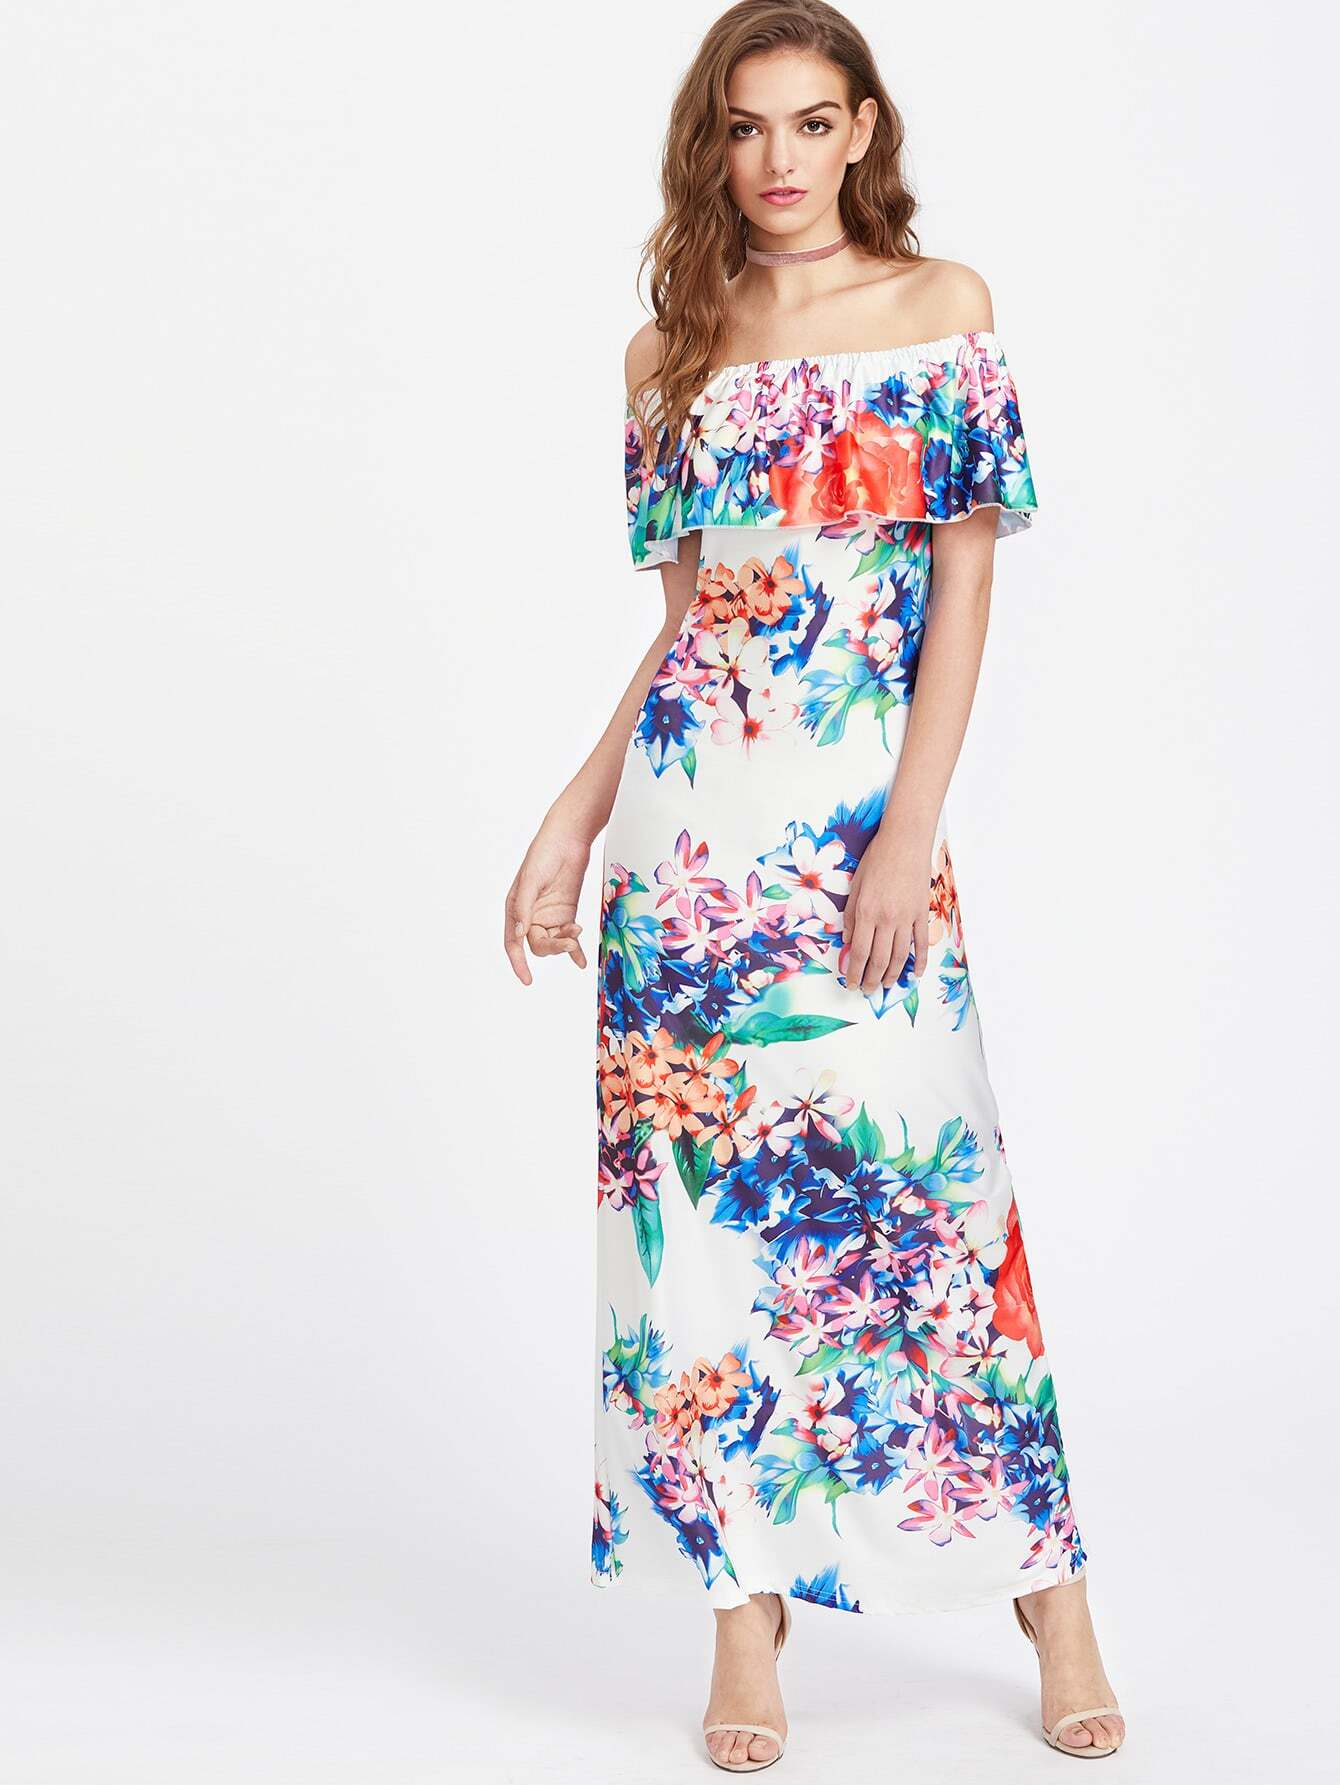 dress170419103_2